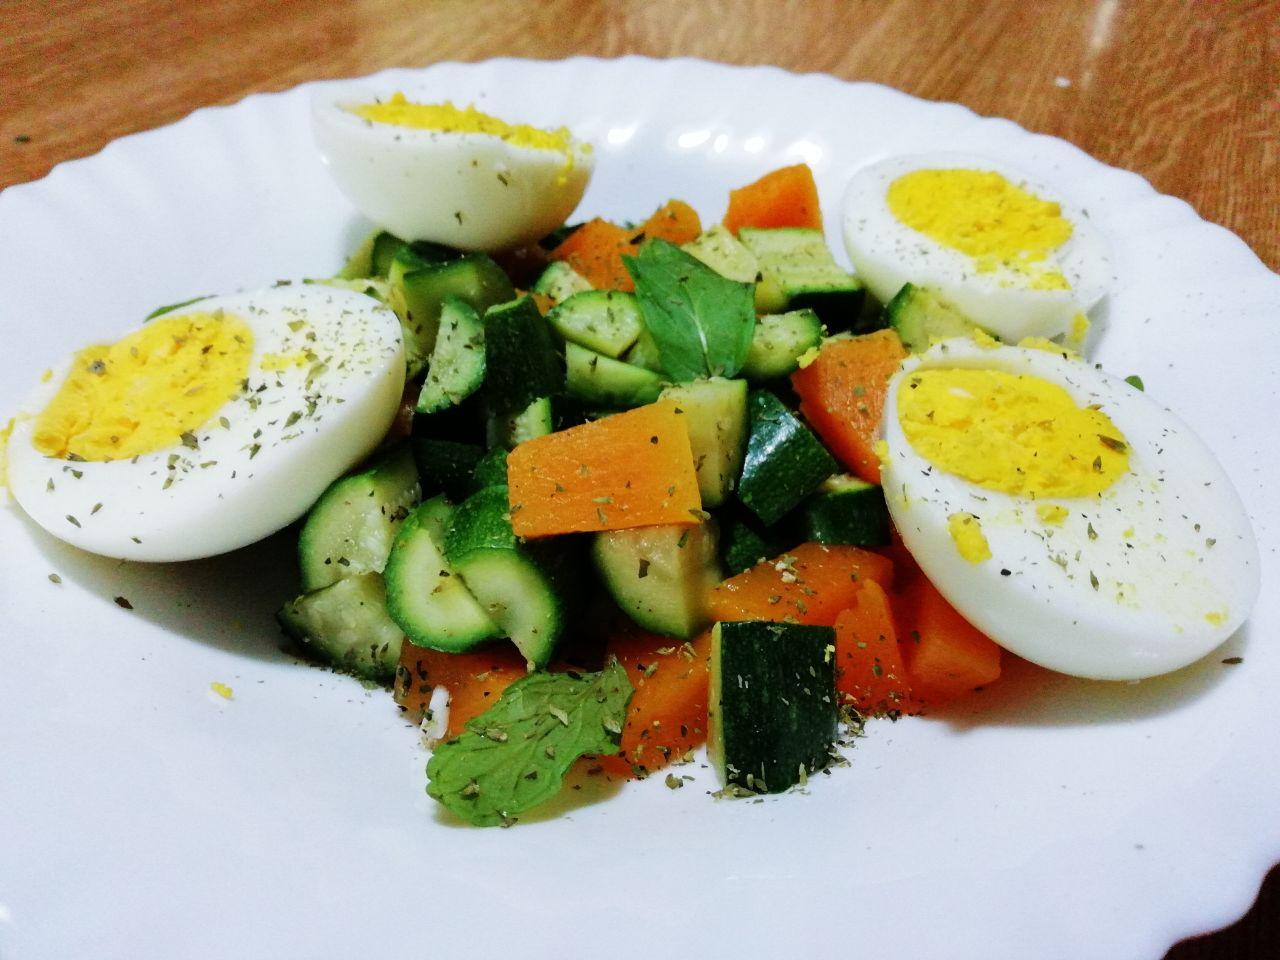 Ricette primaverili: insalata di zucca, zucchine e uova sode!